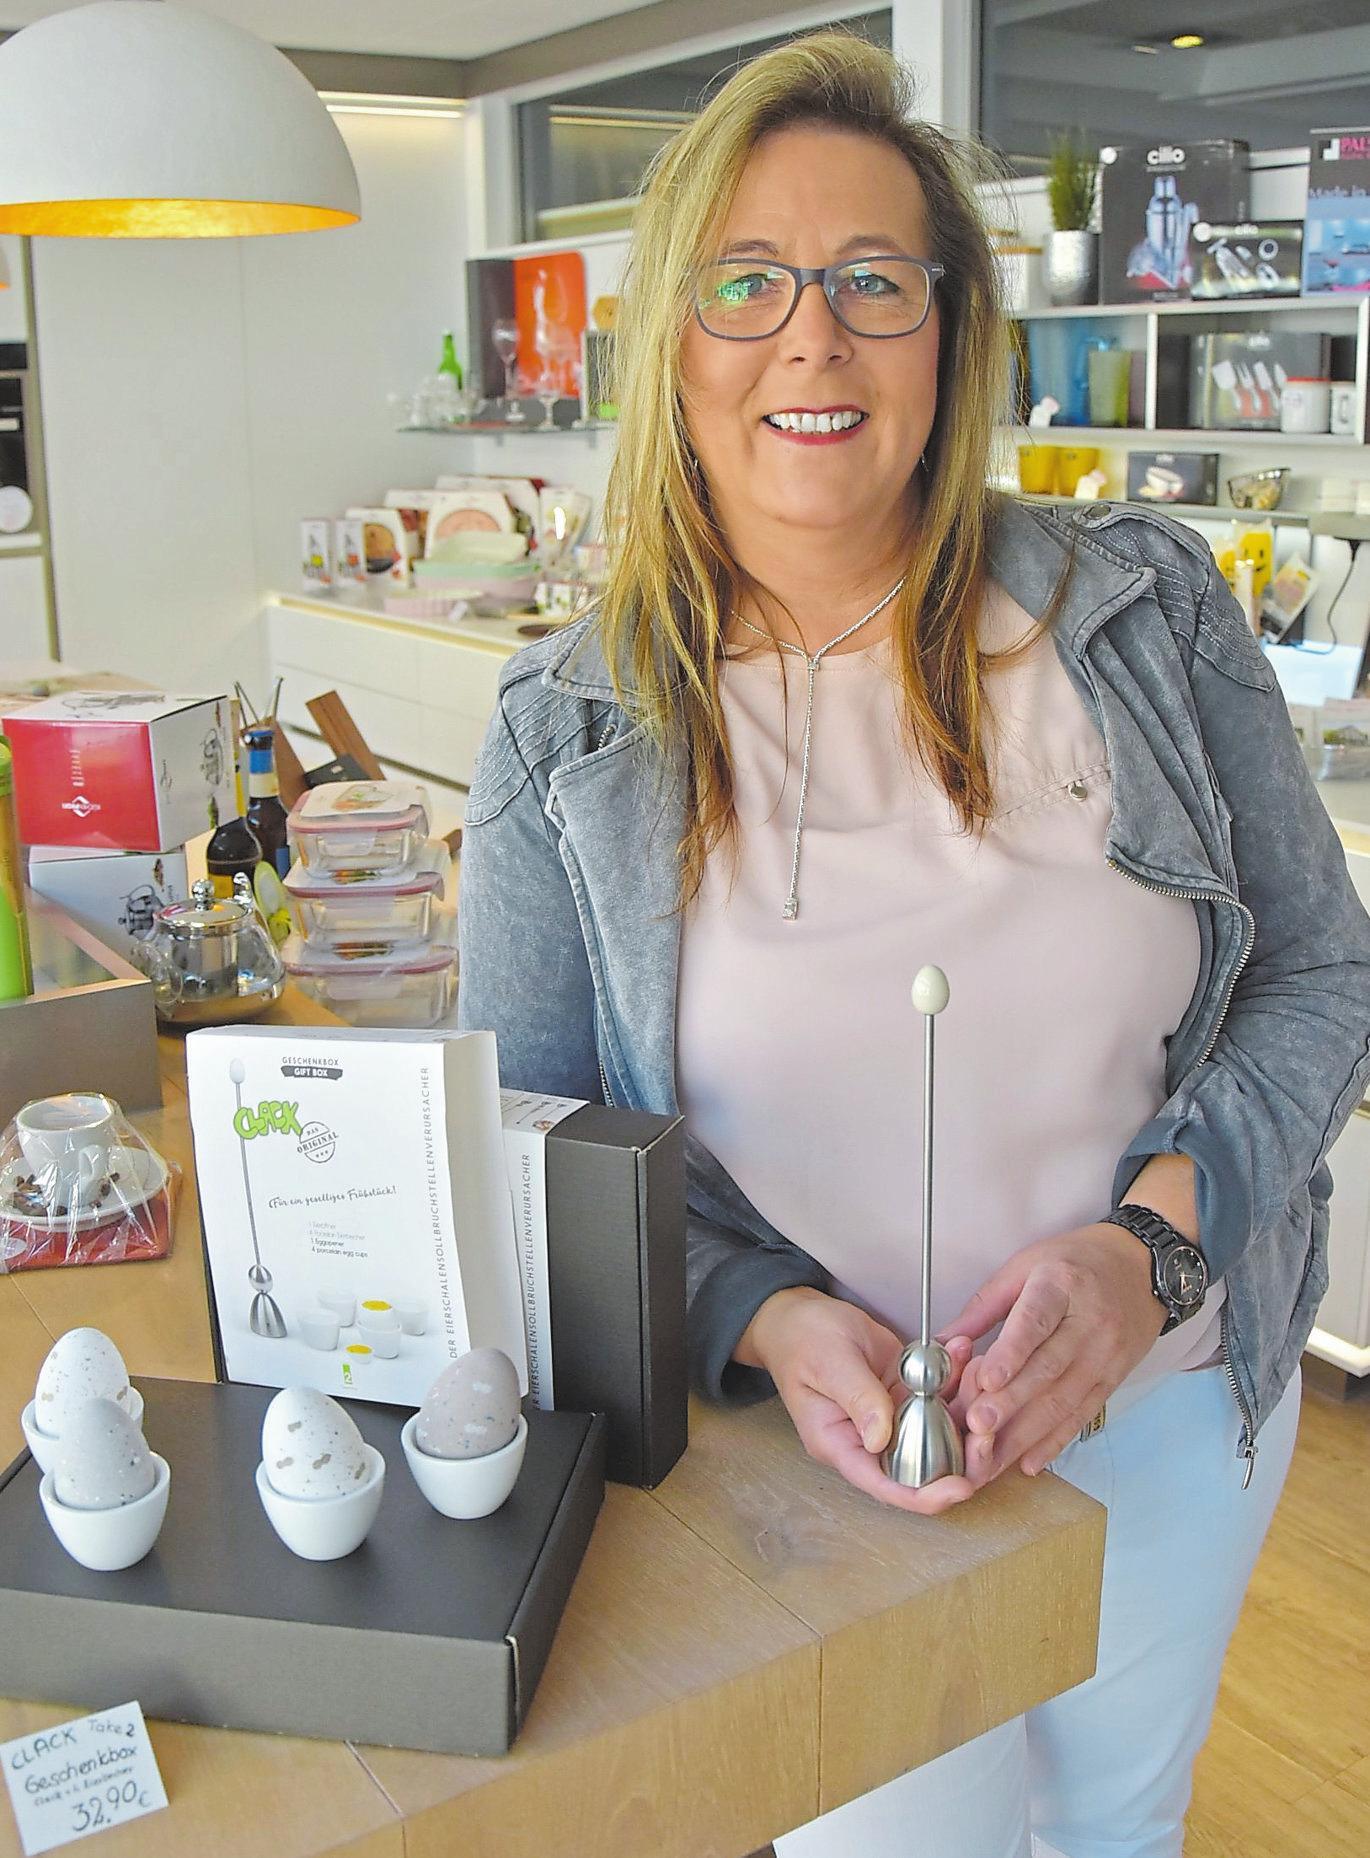 Showroom-Mitarbeiterin Monika Grühsinger schwört auf den Eierköpfer von Take Two.